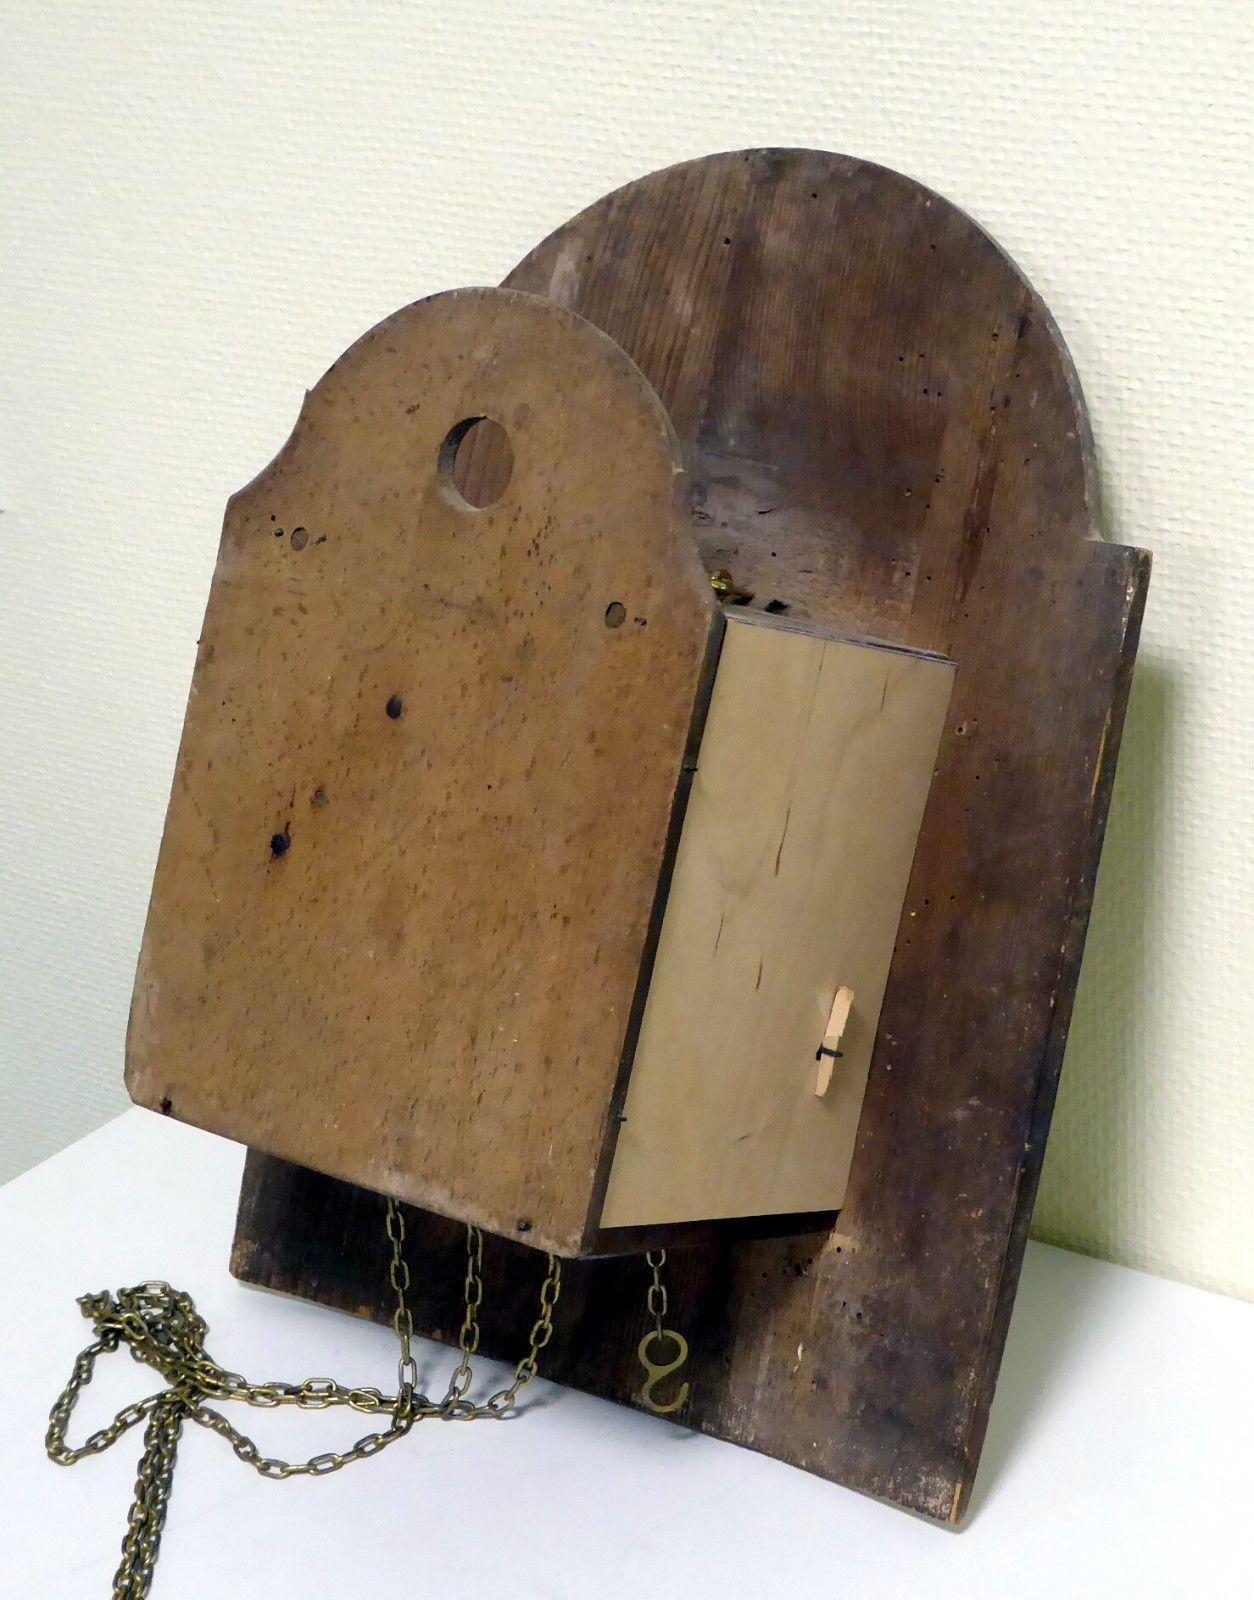 Antike Schilderuhr Apfeluhr Ca 1895 Lack Schild Schwarzwald Original Antiquitäten Kunst Mobiliar Interieur Uhren Ebay Apfeluhr Uhr Antike